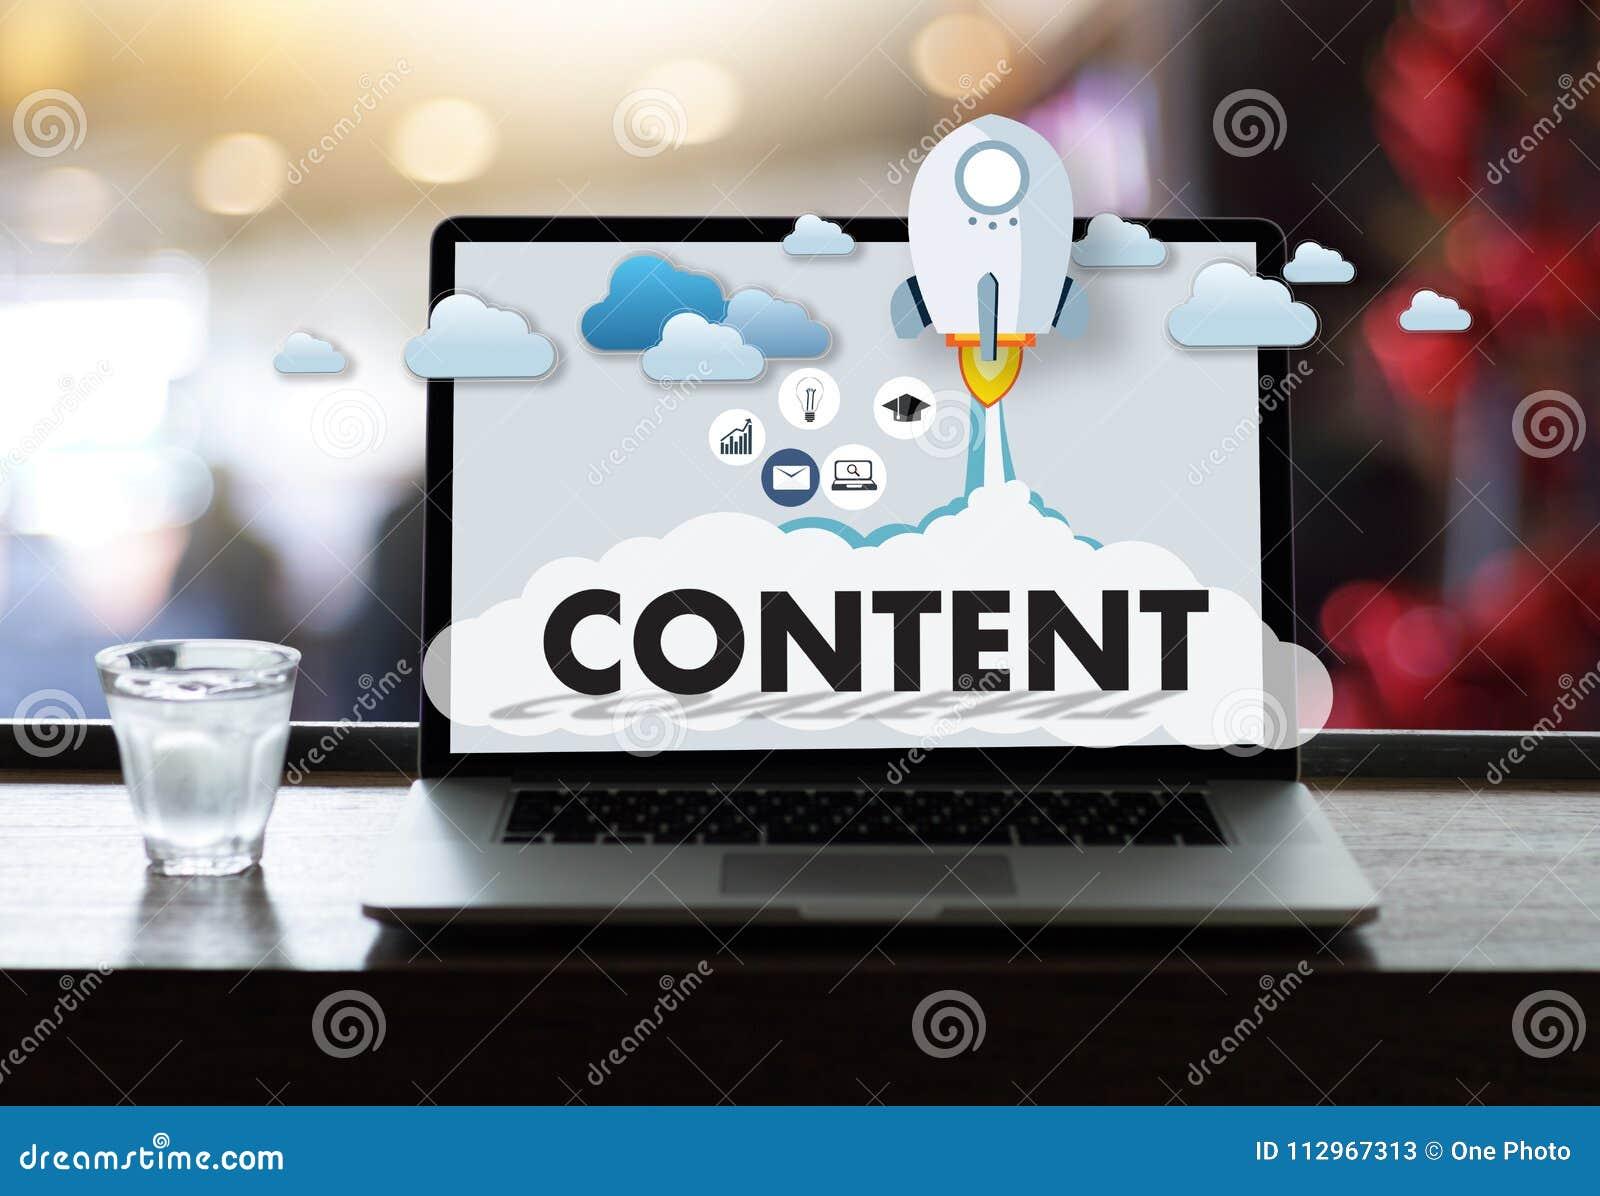 Данные по VI издания средств массовой информации СОДЕРЖИМЫМ данным по маркетинга Blogging